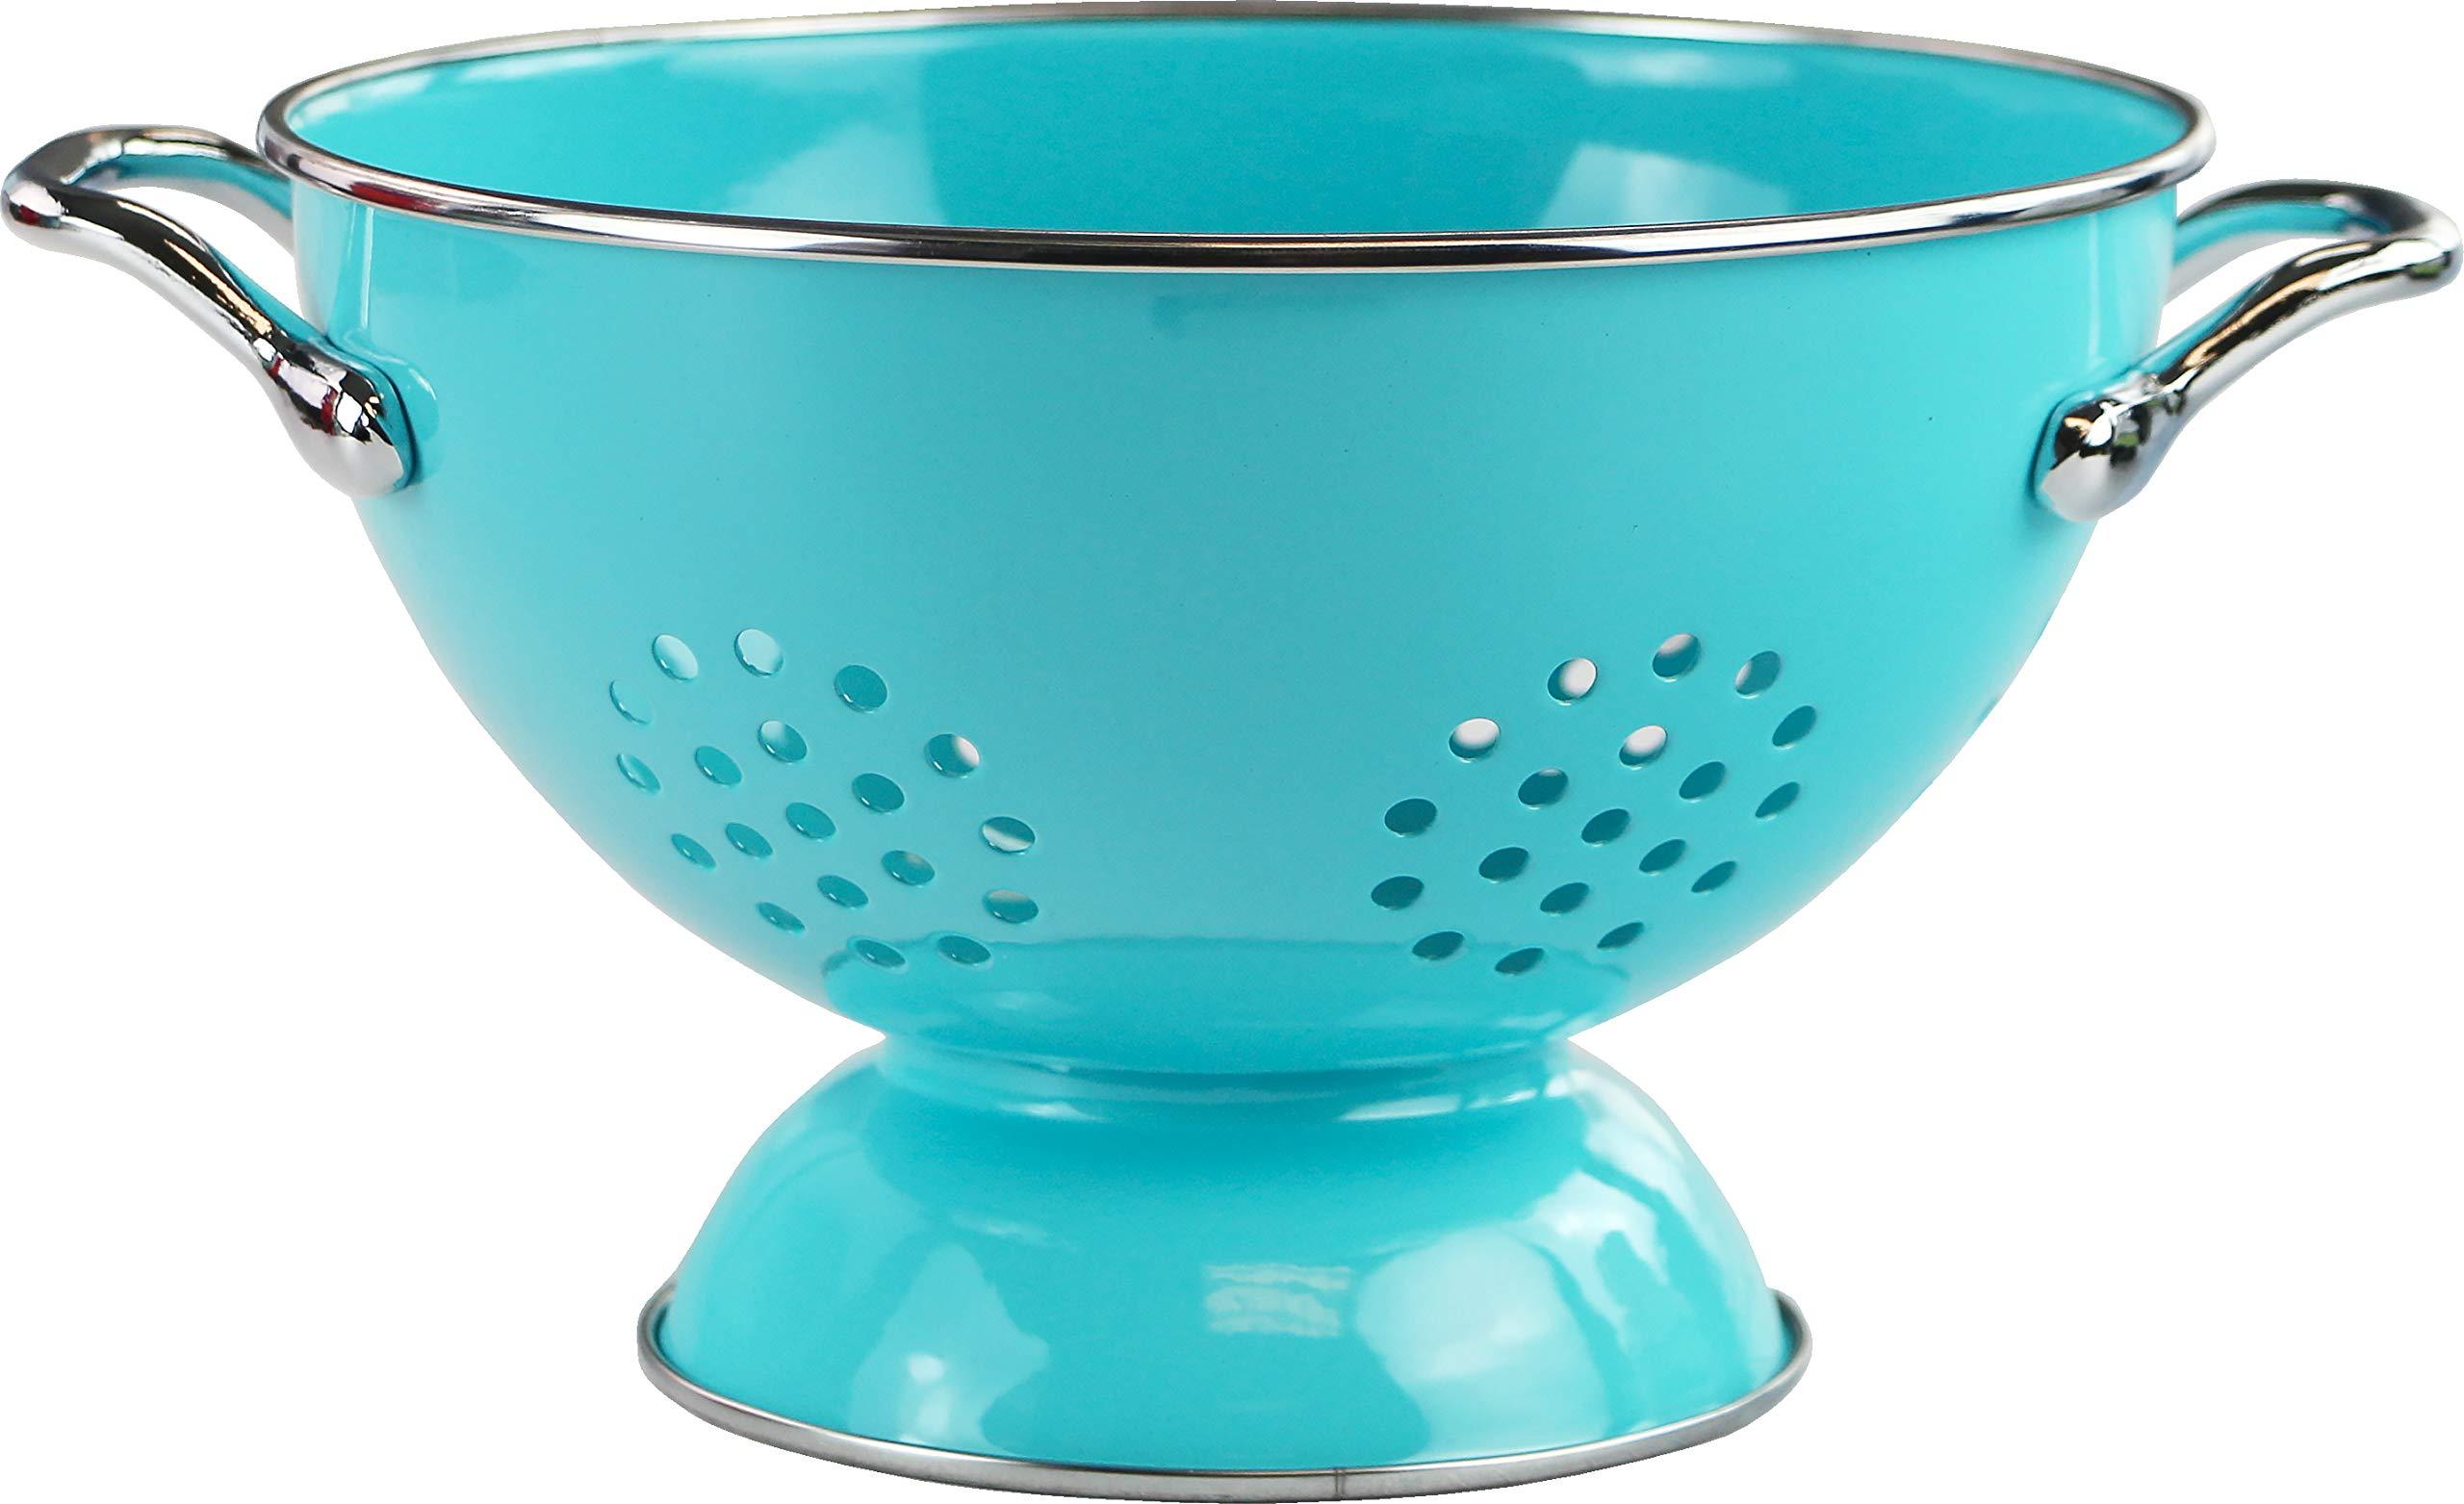 Calypso Basics by Reston Lloyd Powder Coated Enameled Colander, 1.5 Quart, Turquoise